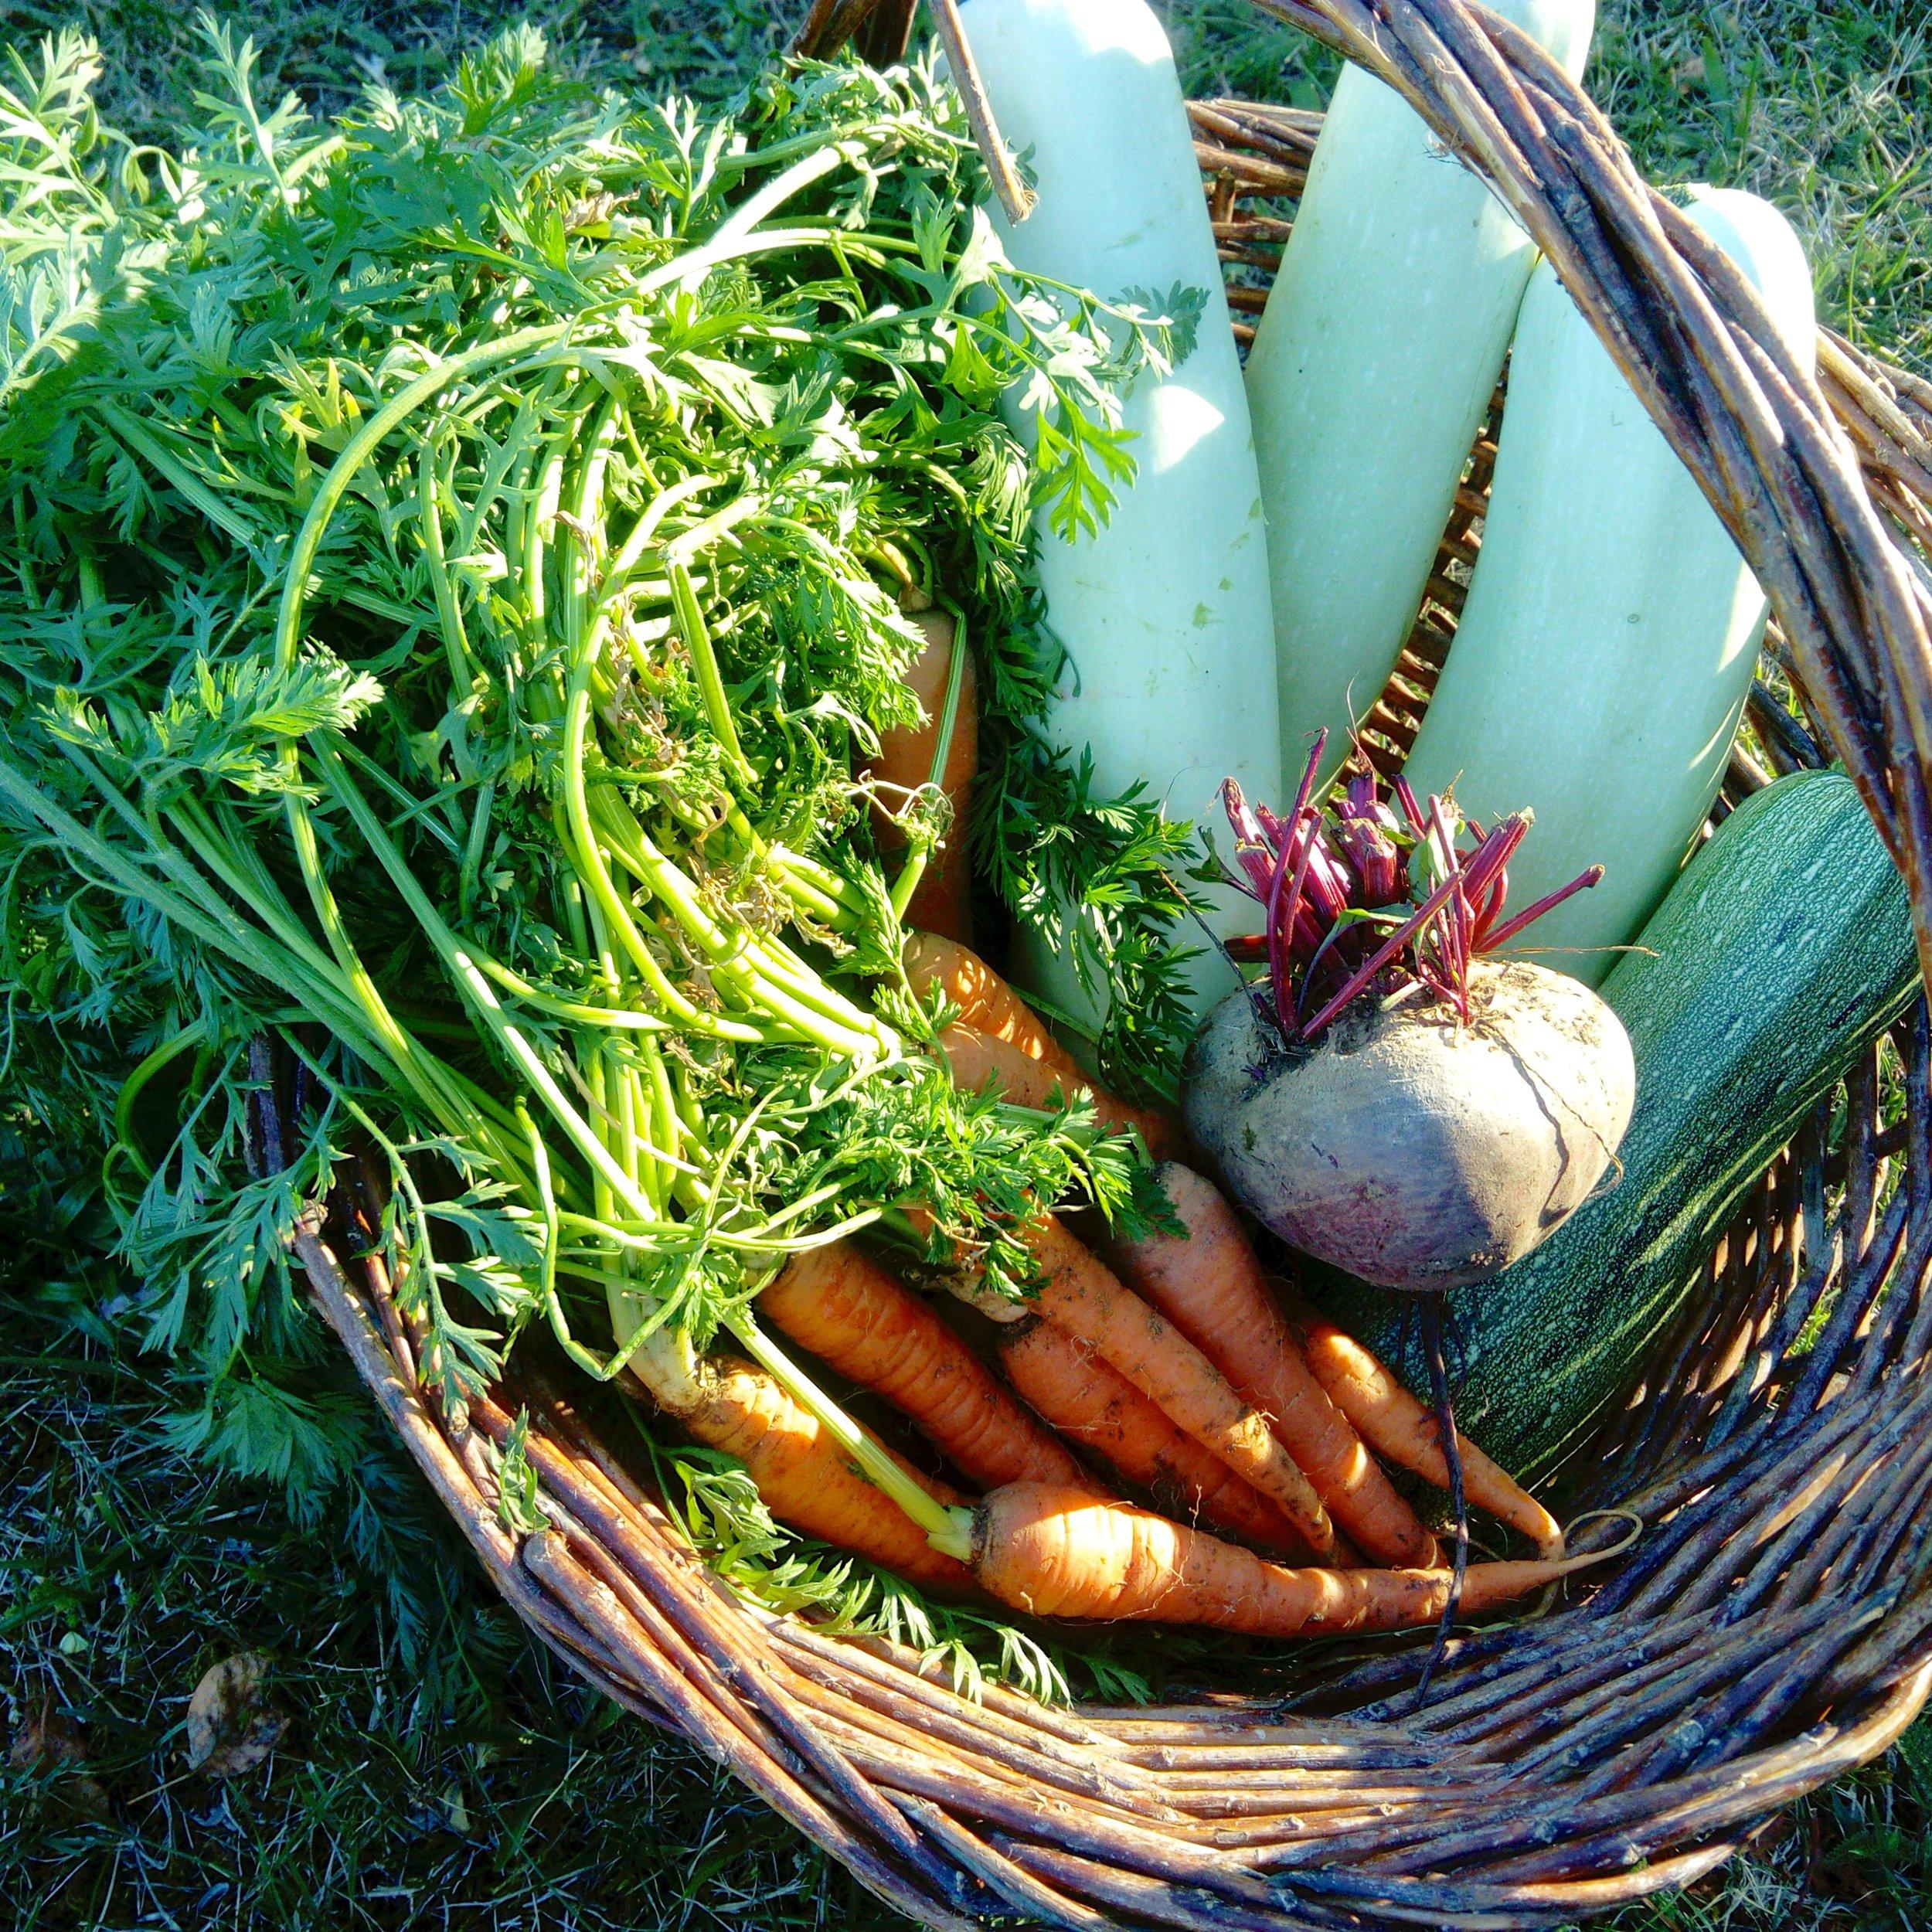 cuisine-vegetarienne-saine-healthy.jpg